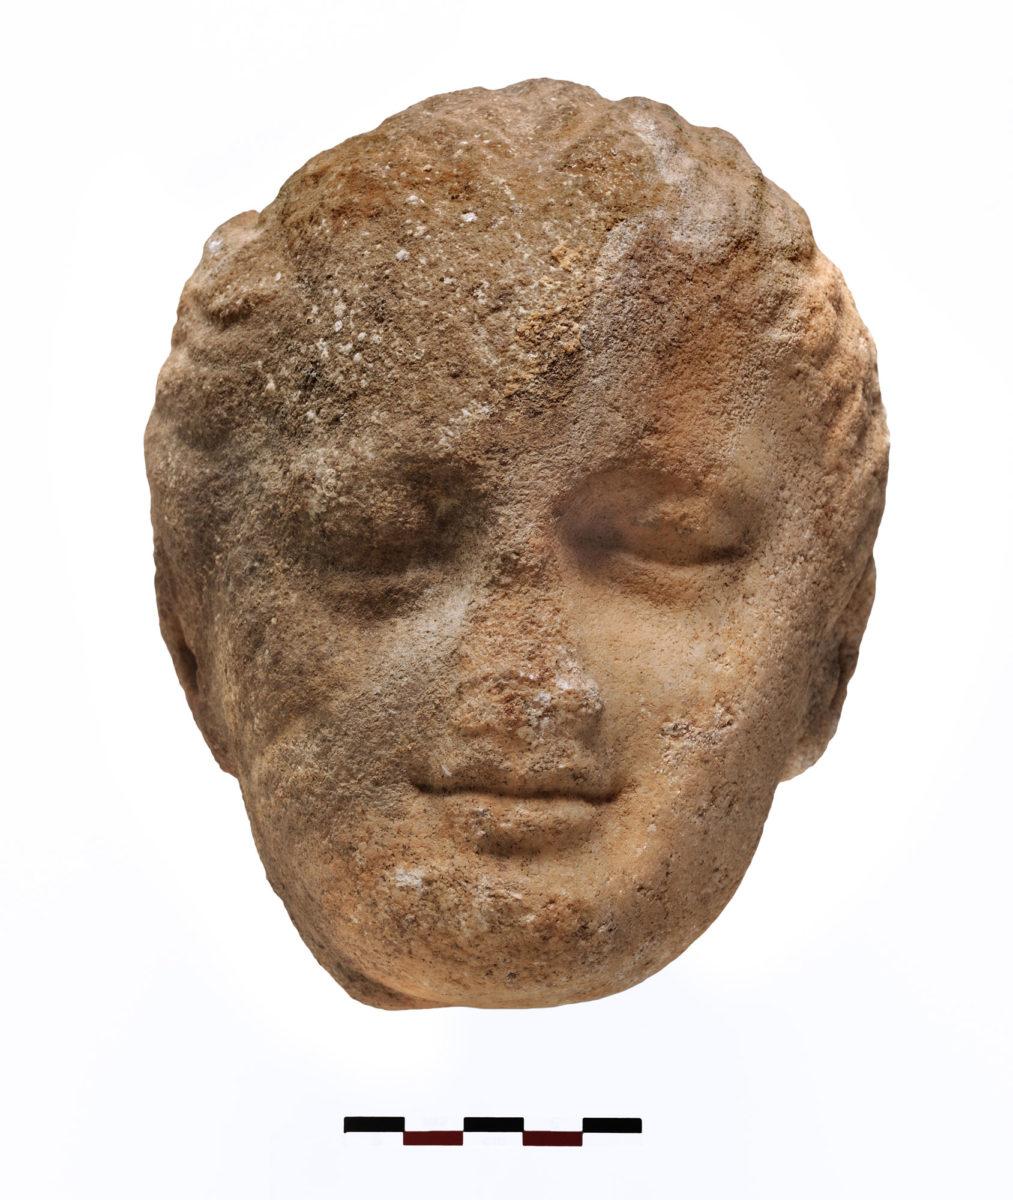 Εικ. 6. Μαρμάρινη κεφαλή κοριτσιού από το εσωτερικό της δεξαμενής (φωτ.: Κώστας Ξενικάκης).